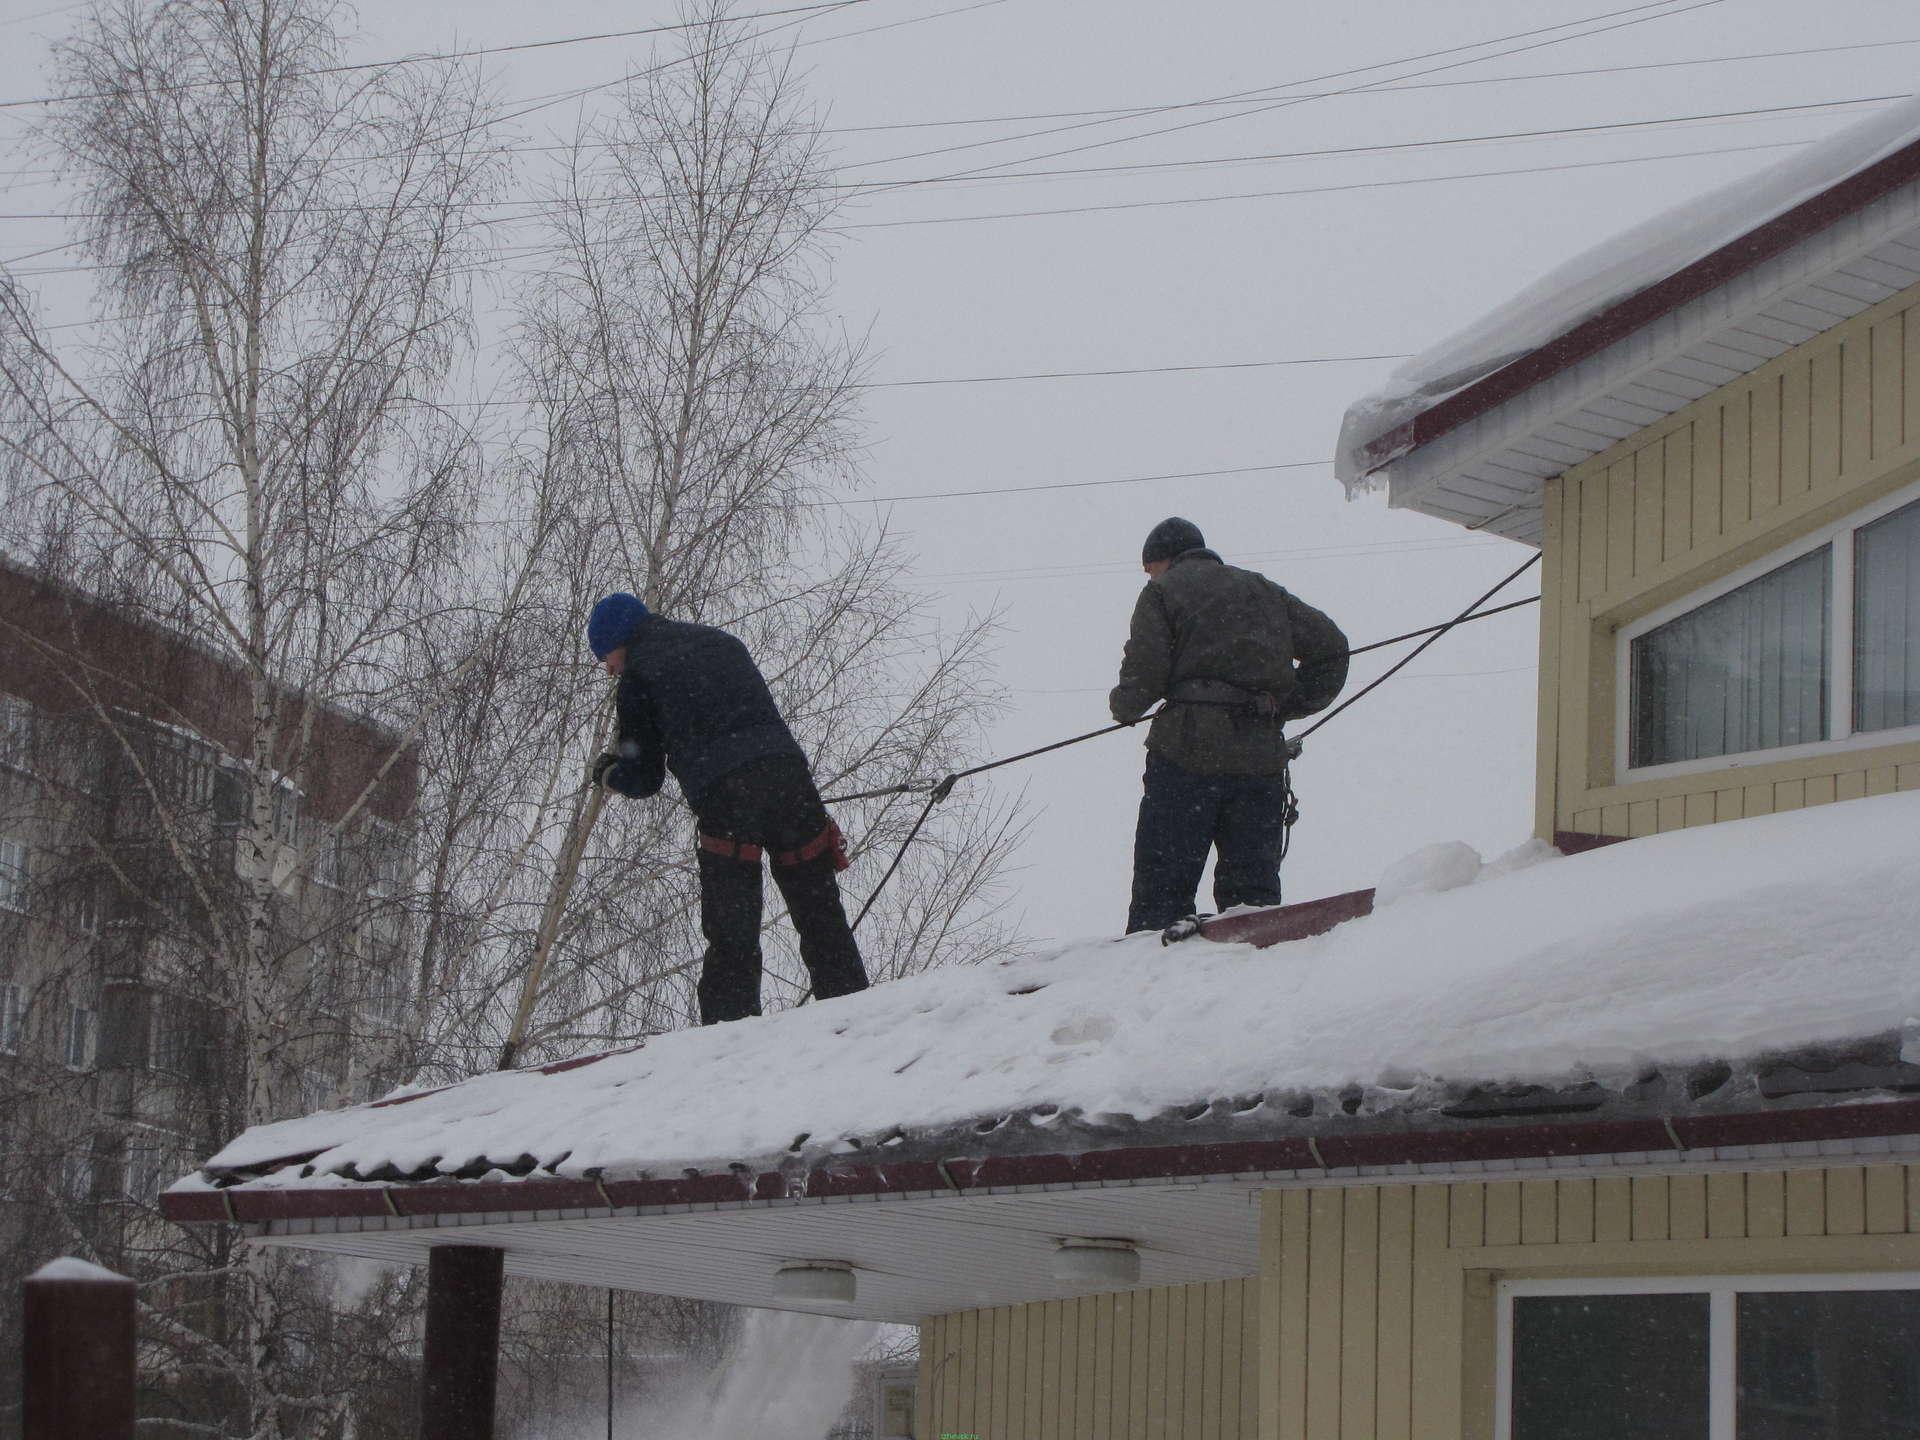 Цены на уборку снега с крыши в москве